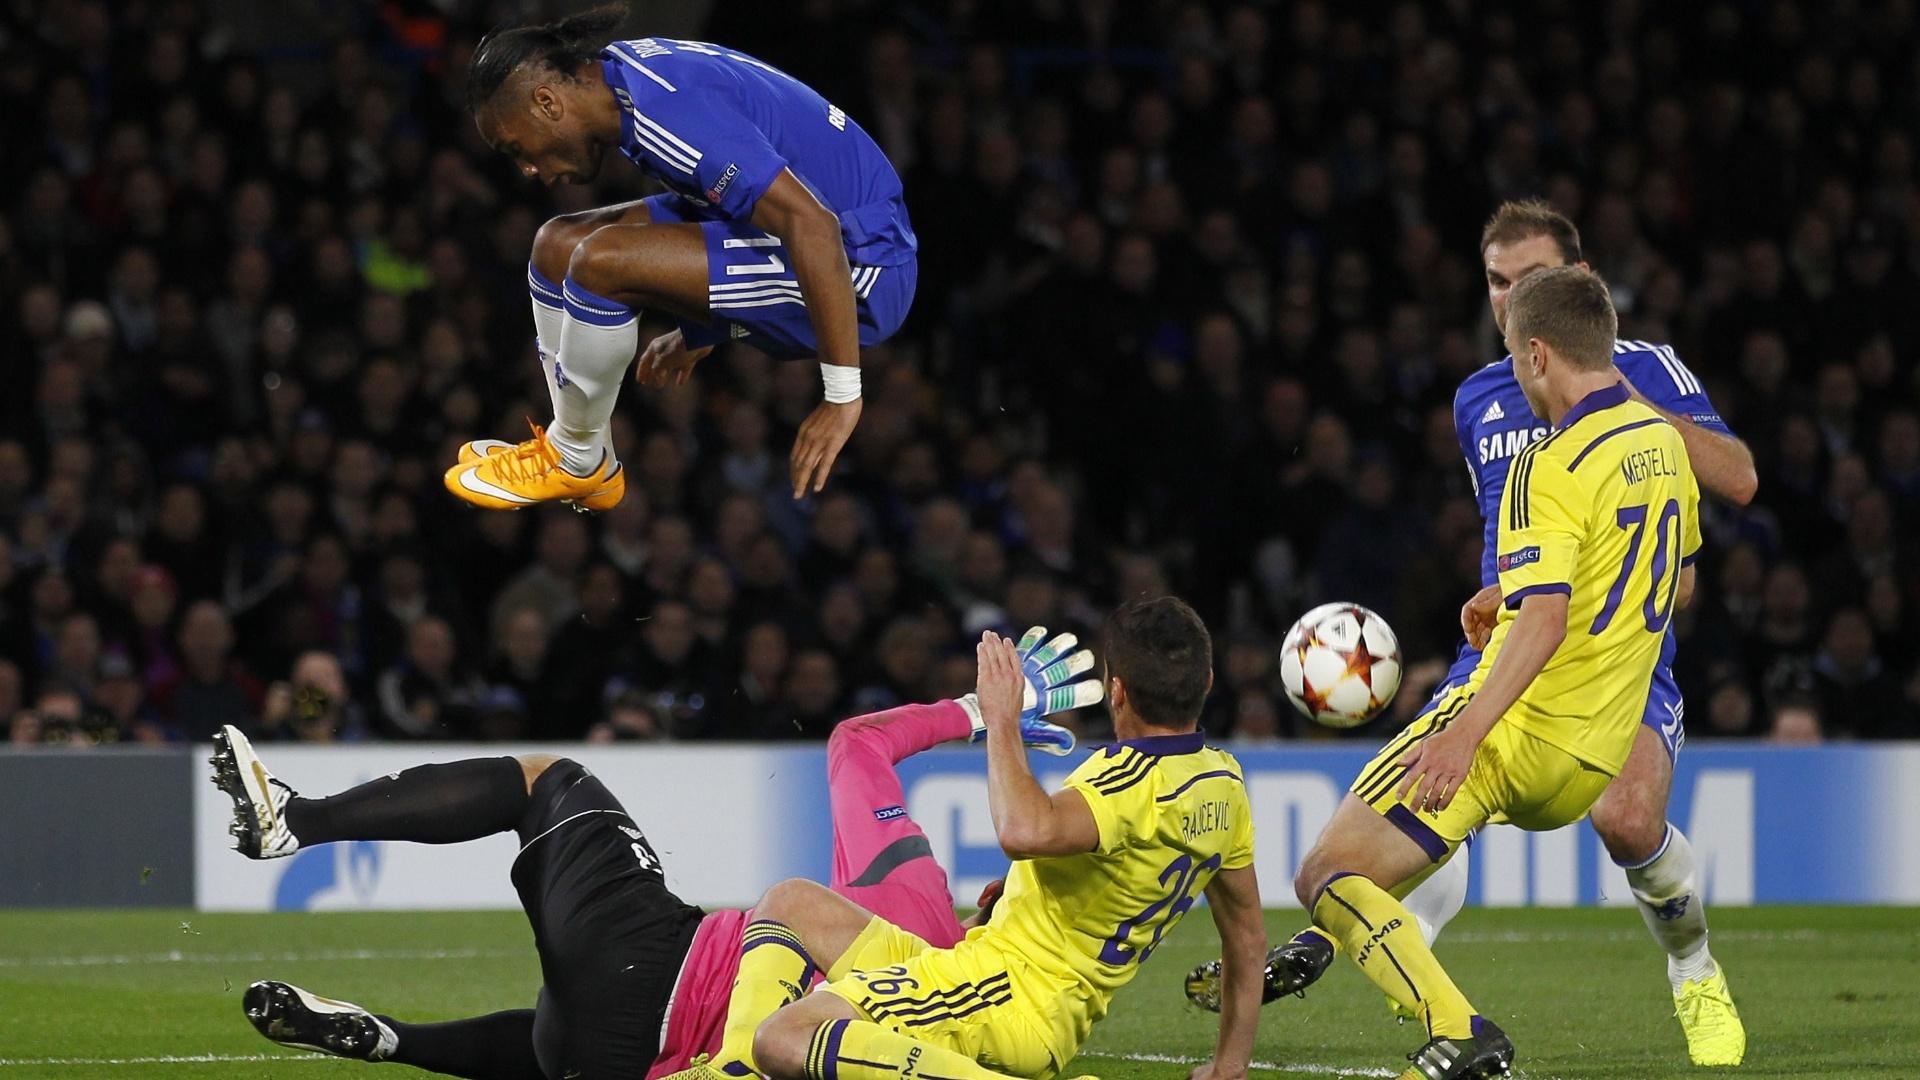 Didier Drogba, atacante do Chelsea, salta para evitar um choque com os jogadores do Maribor, pela Liga dos Campeões